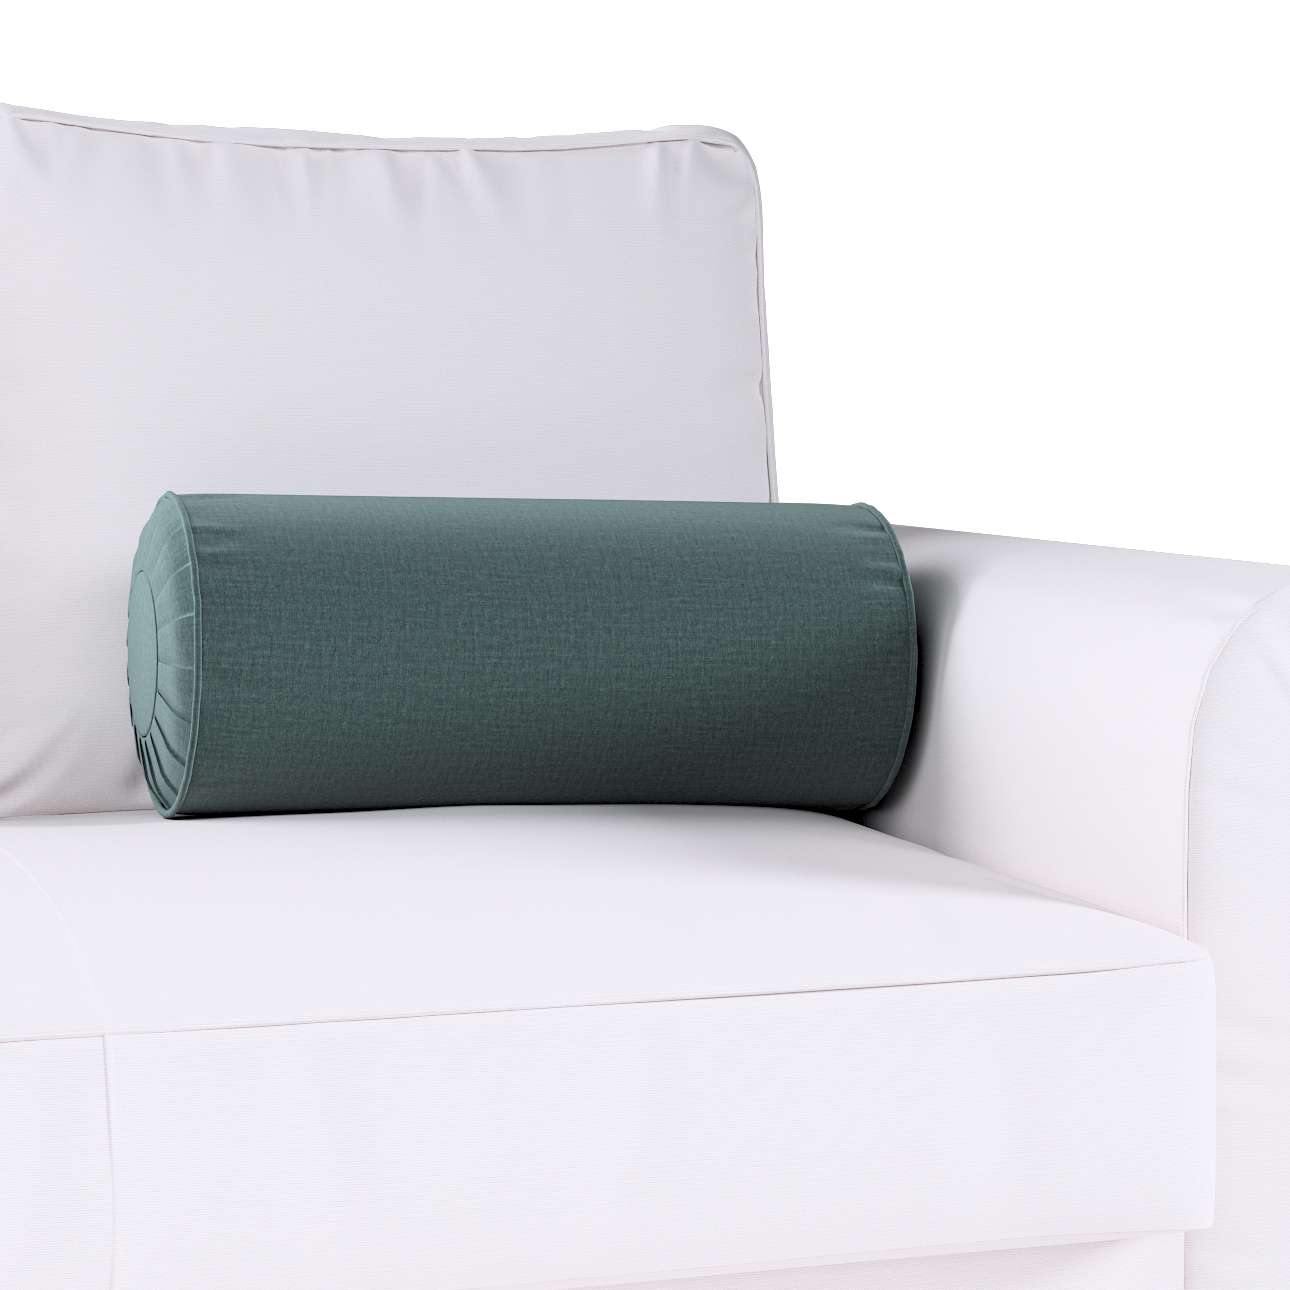 Poduszka wałek z zakładkami w kolekcji Ingrid, tkanina: 705-36